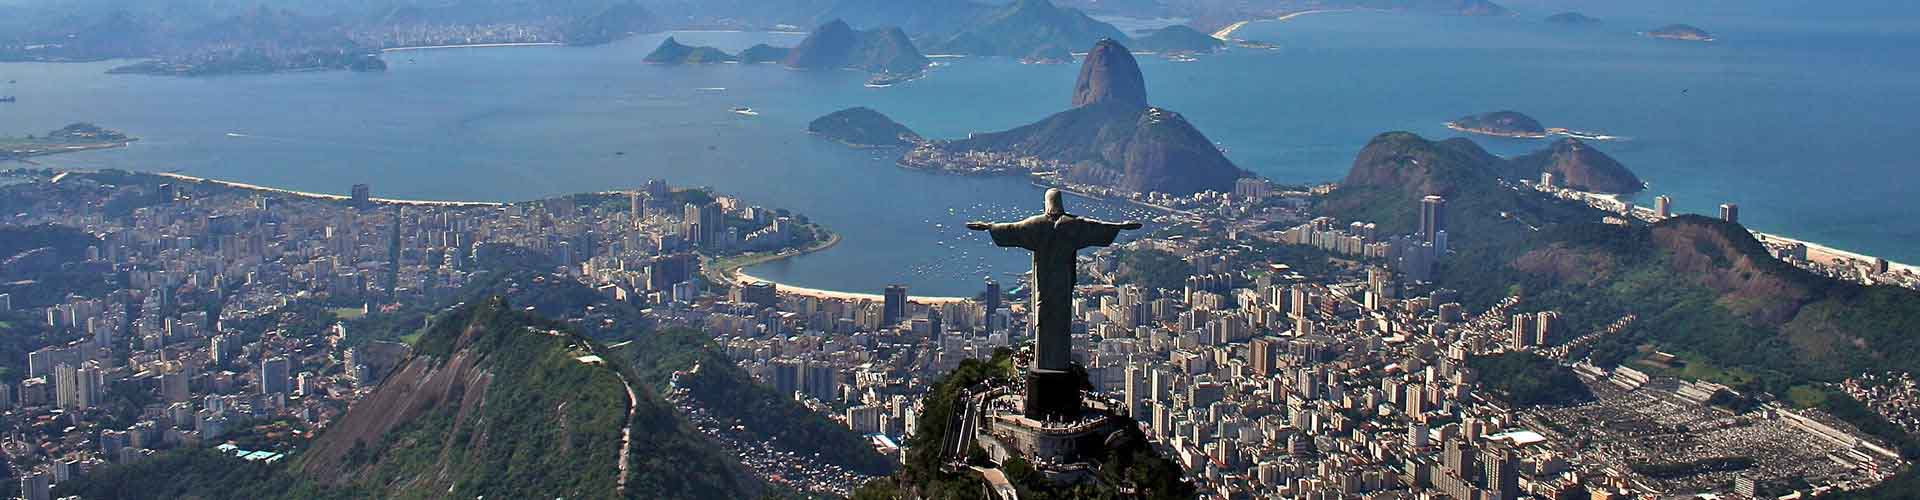 Rio de Janeiro - Zimmer in Leblonl. Karten für Rio de Janeiro. Fotos und Bewertungen für jedes Zimmer in Rio de Janeiro.